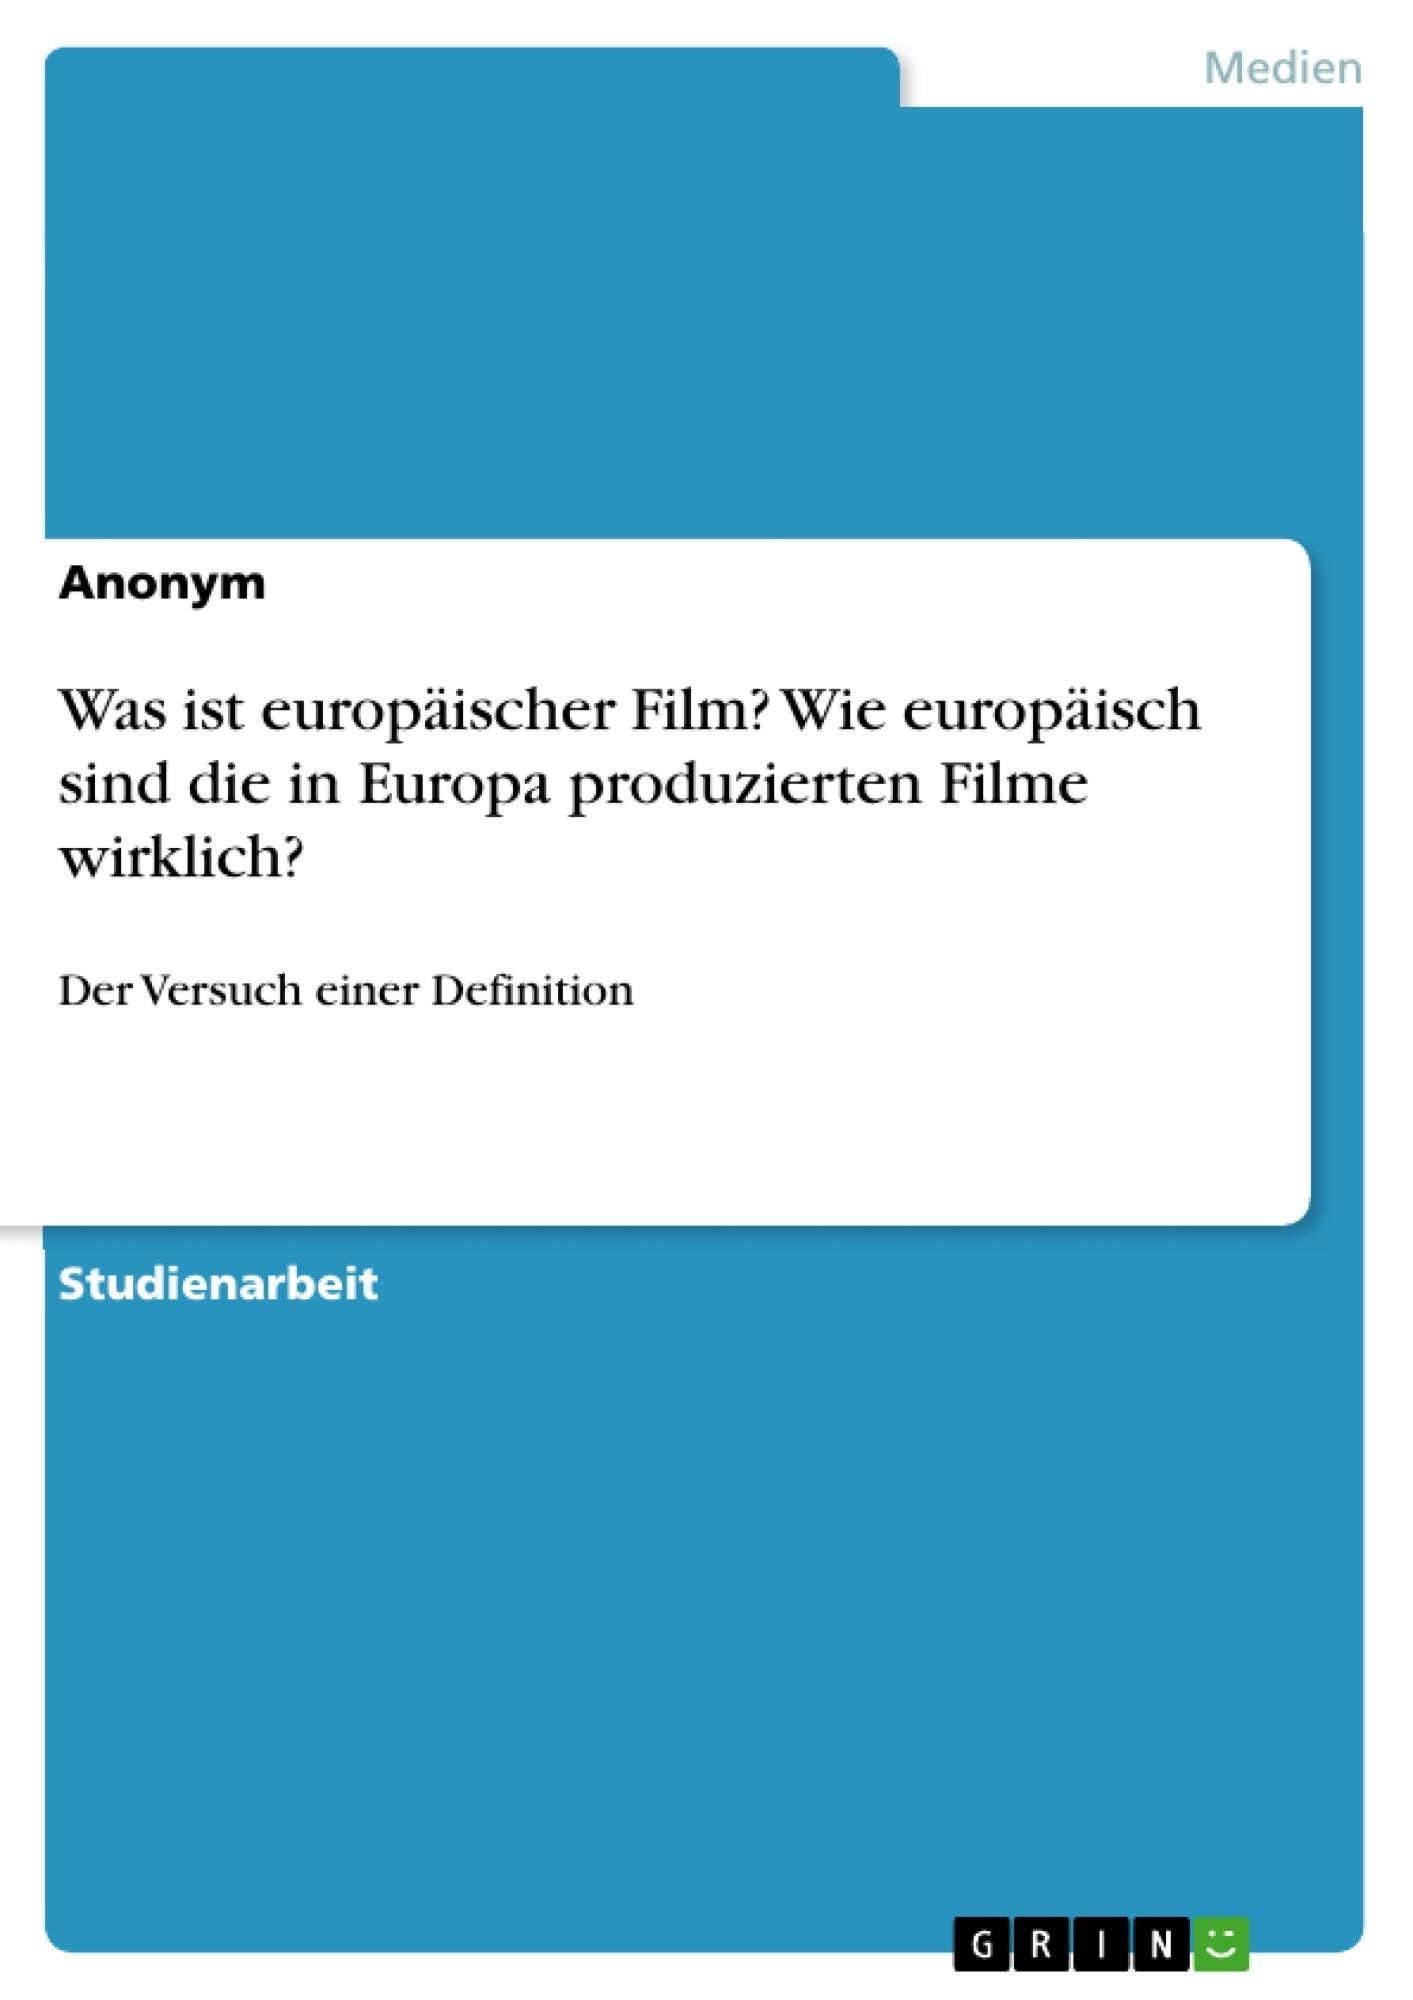 Titel: Was ist europäischer Film? Wie europäisch sind die in Europa produzierten Filme wirklich?